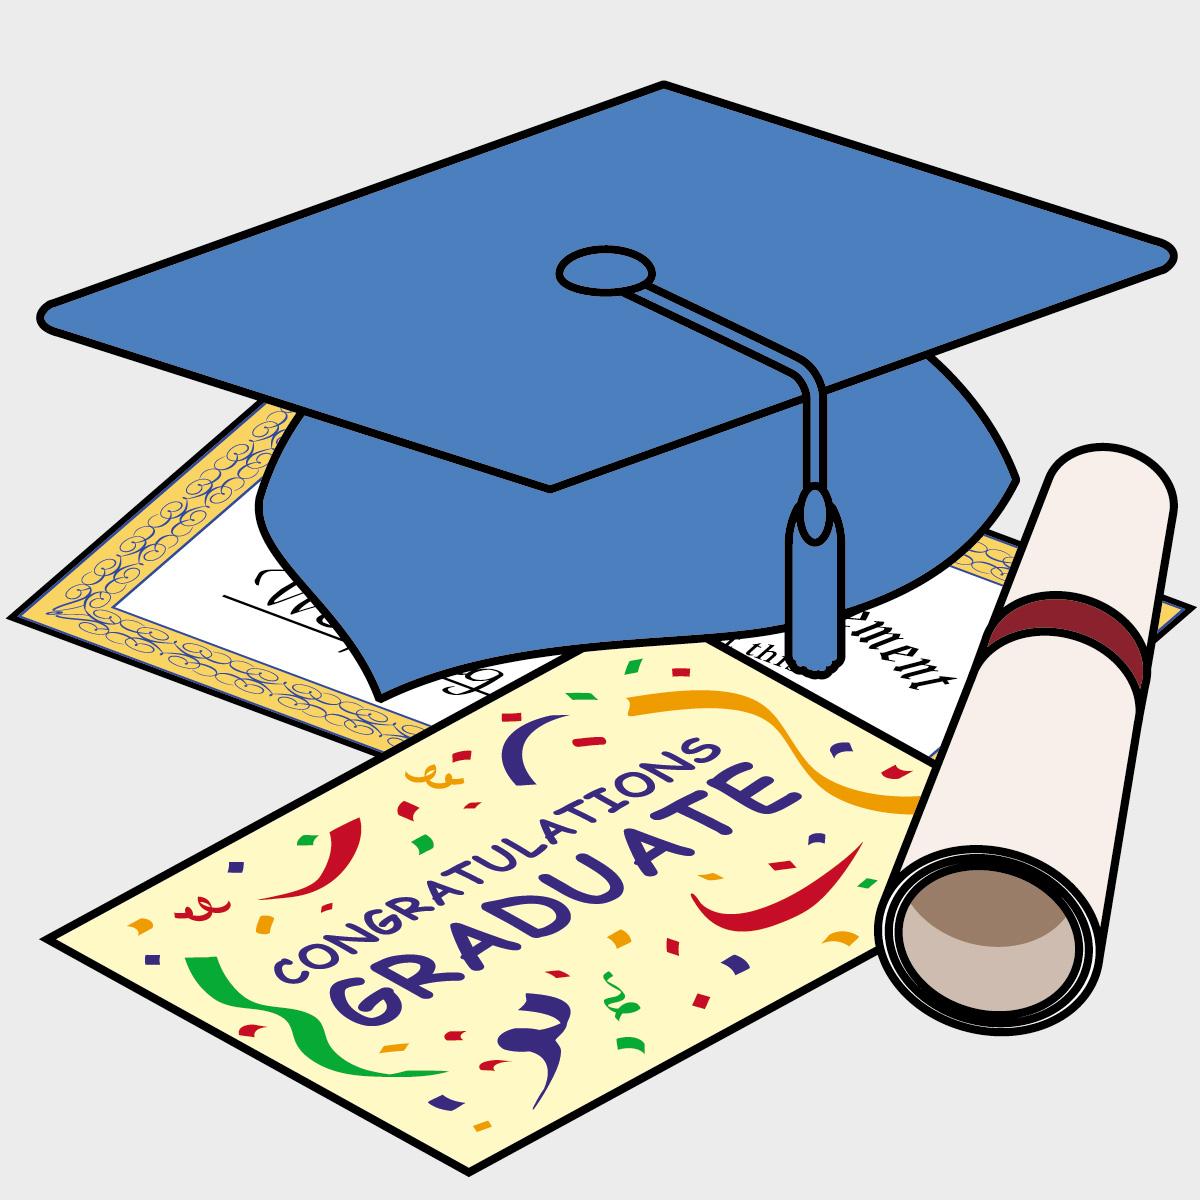 Free Preschool Graduation Clipart, Download Free Clip Art.